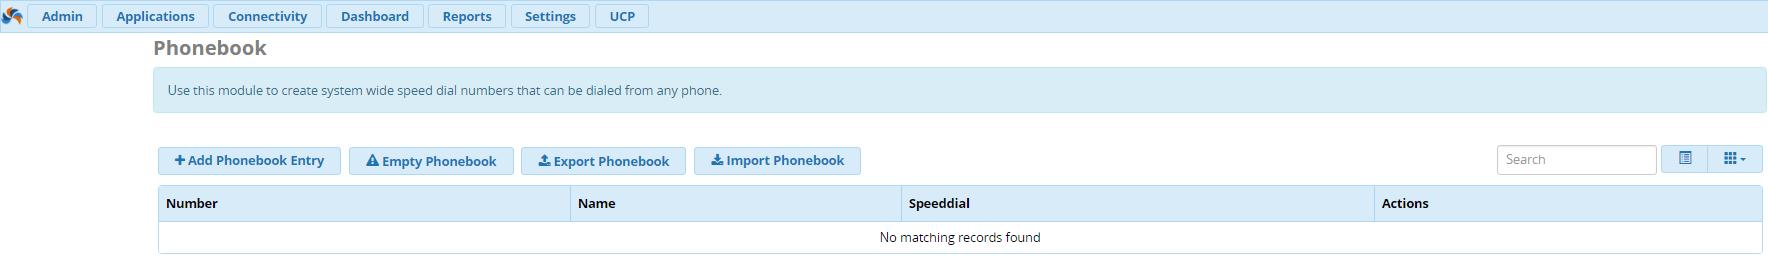 телефонная книга в FreePBX 13